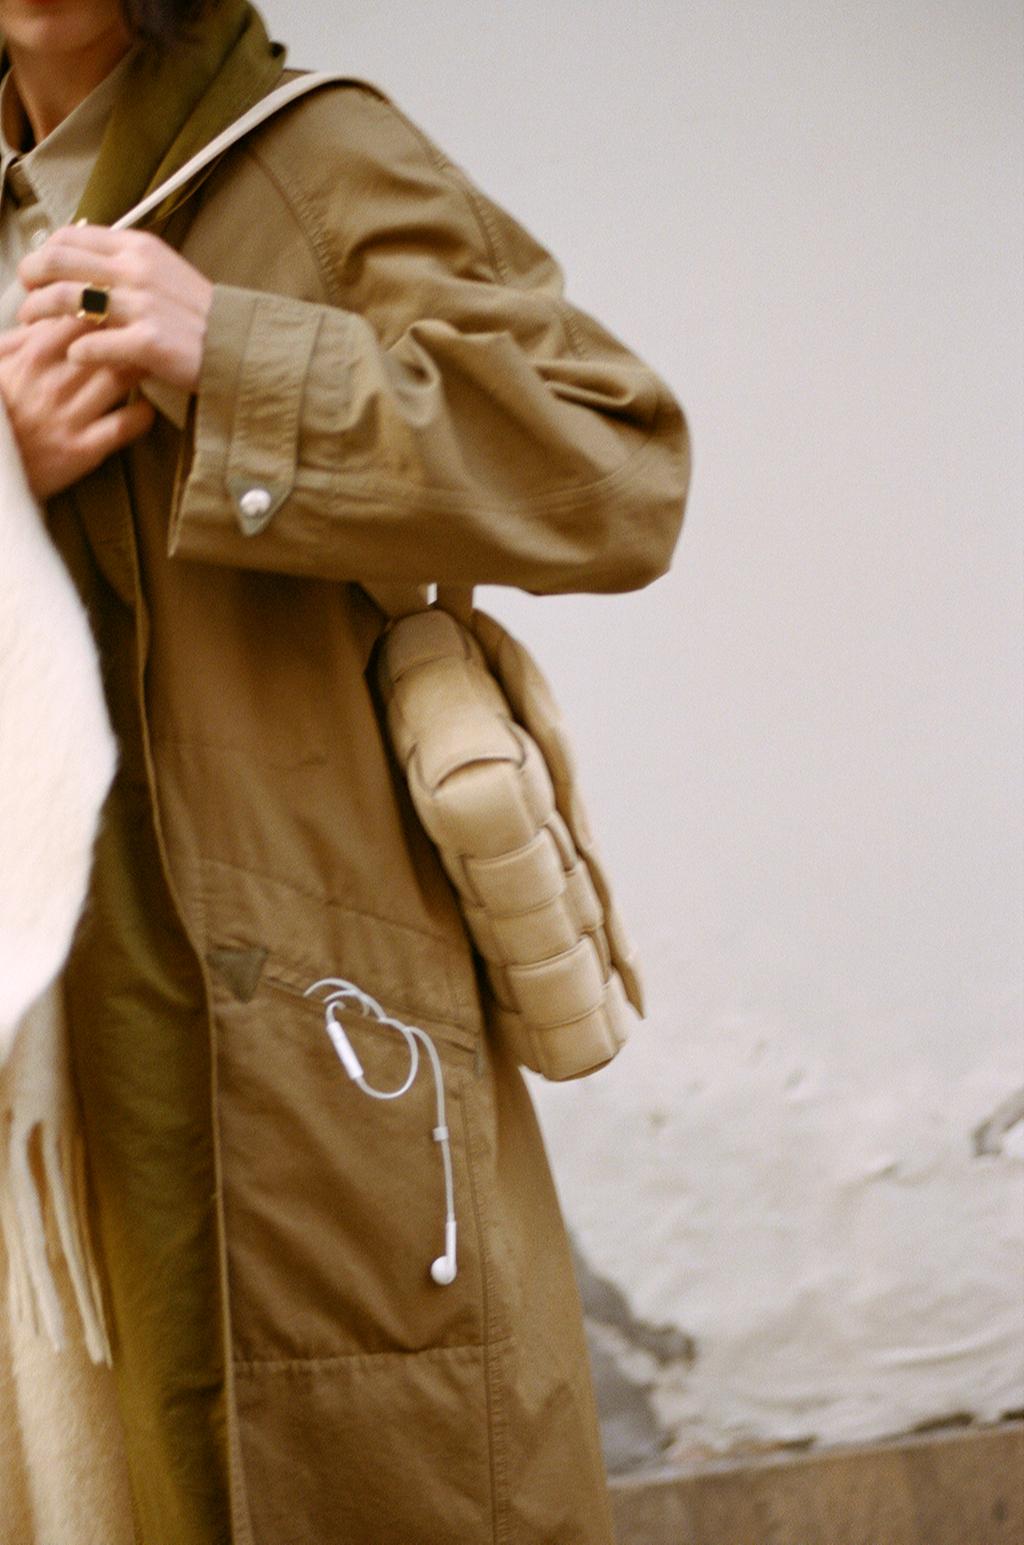 Хлопковый тренч Isabel Marant Etoile; шарф— Isabel Marant; джинсы Stella McCartney; рубашка, сумка, кольцо — все Bottega Veneta